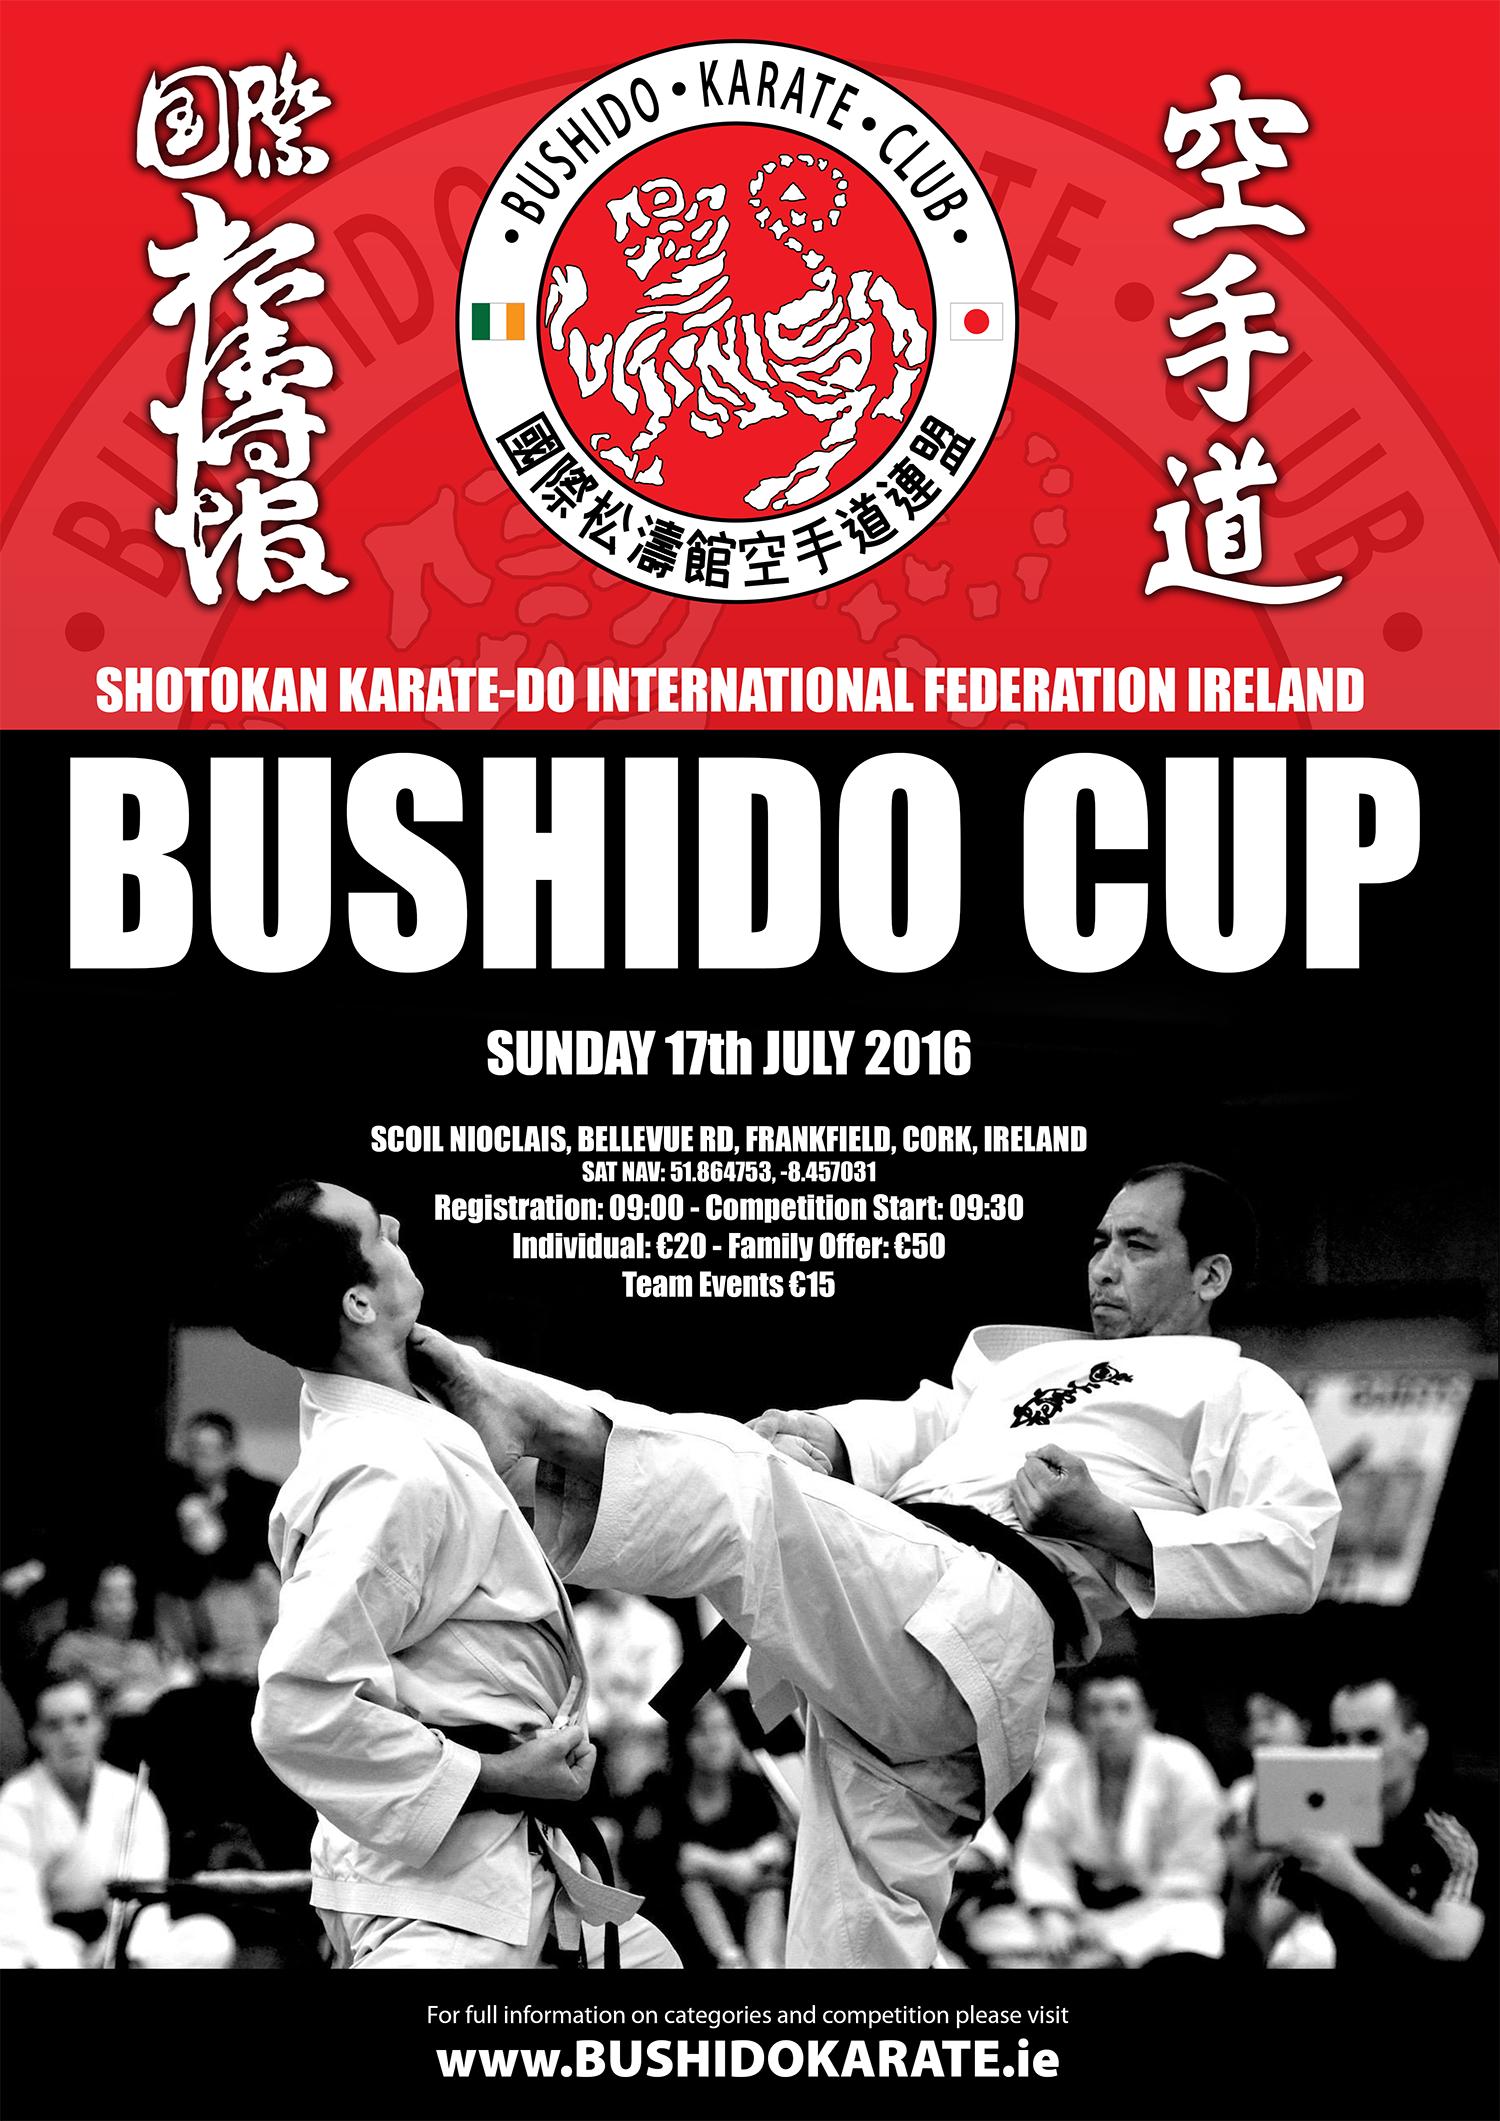 Bushido Cup 2016